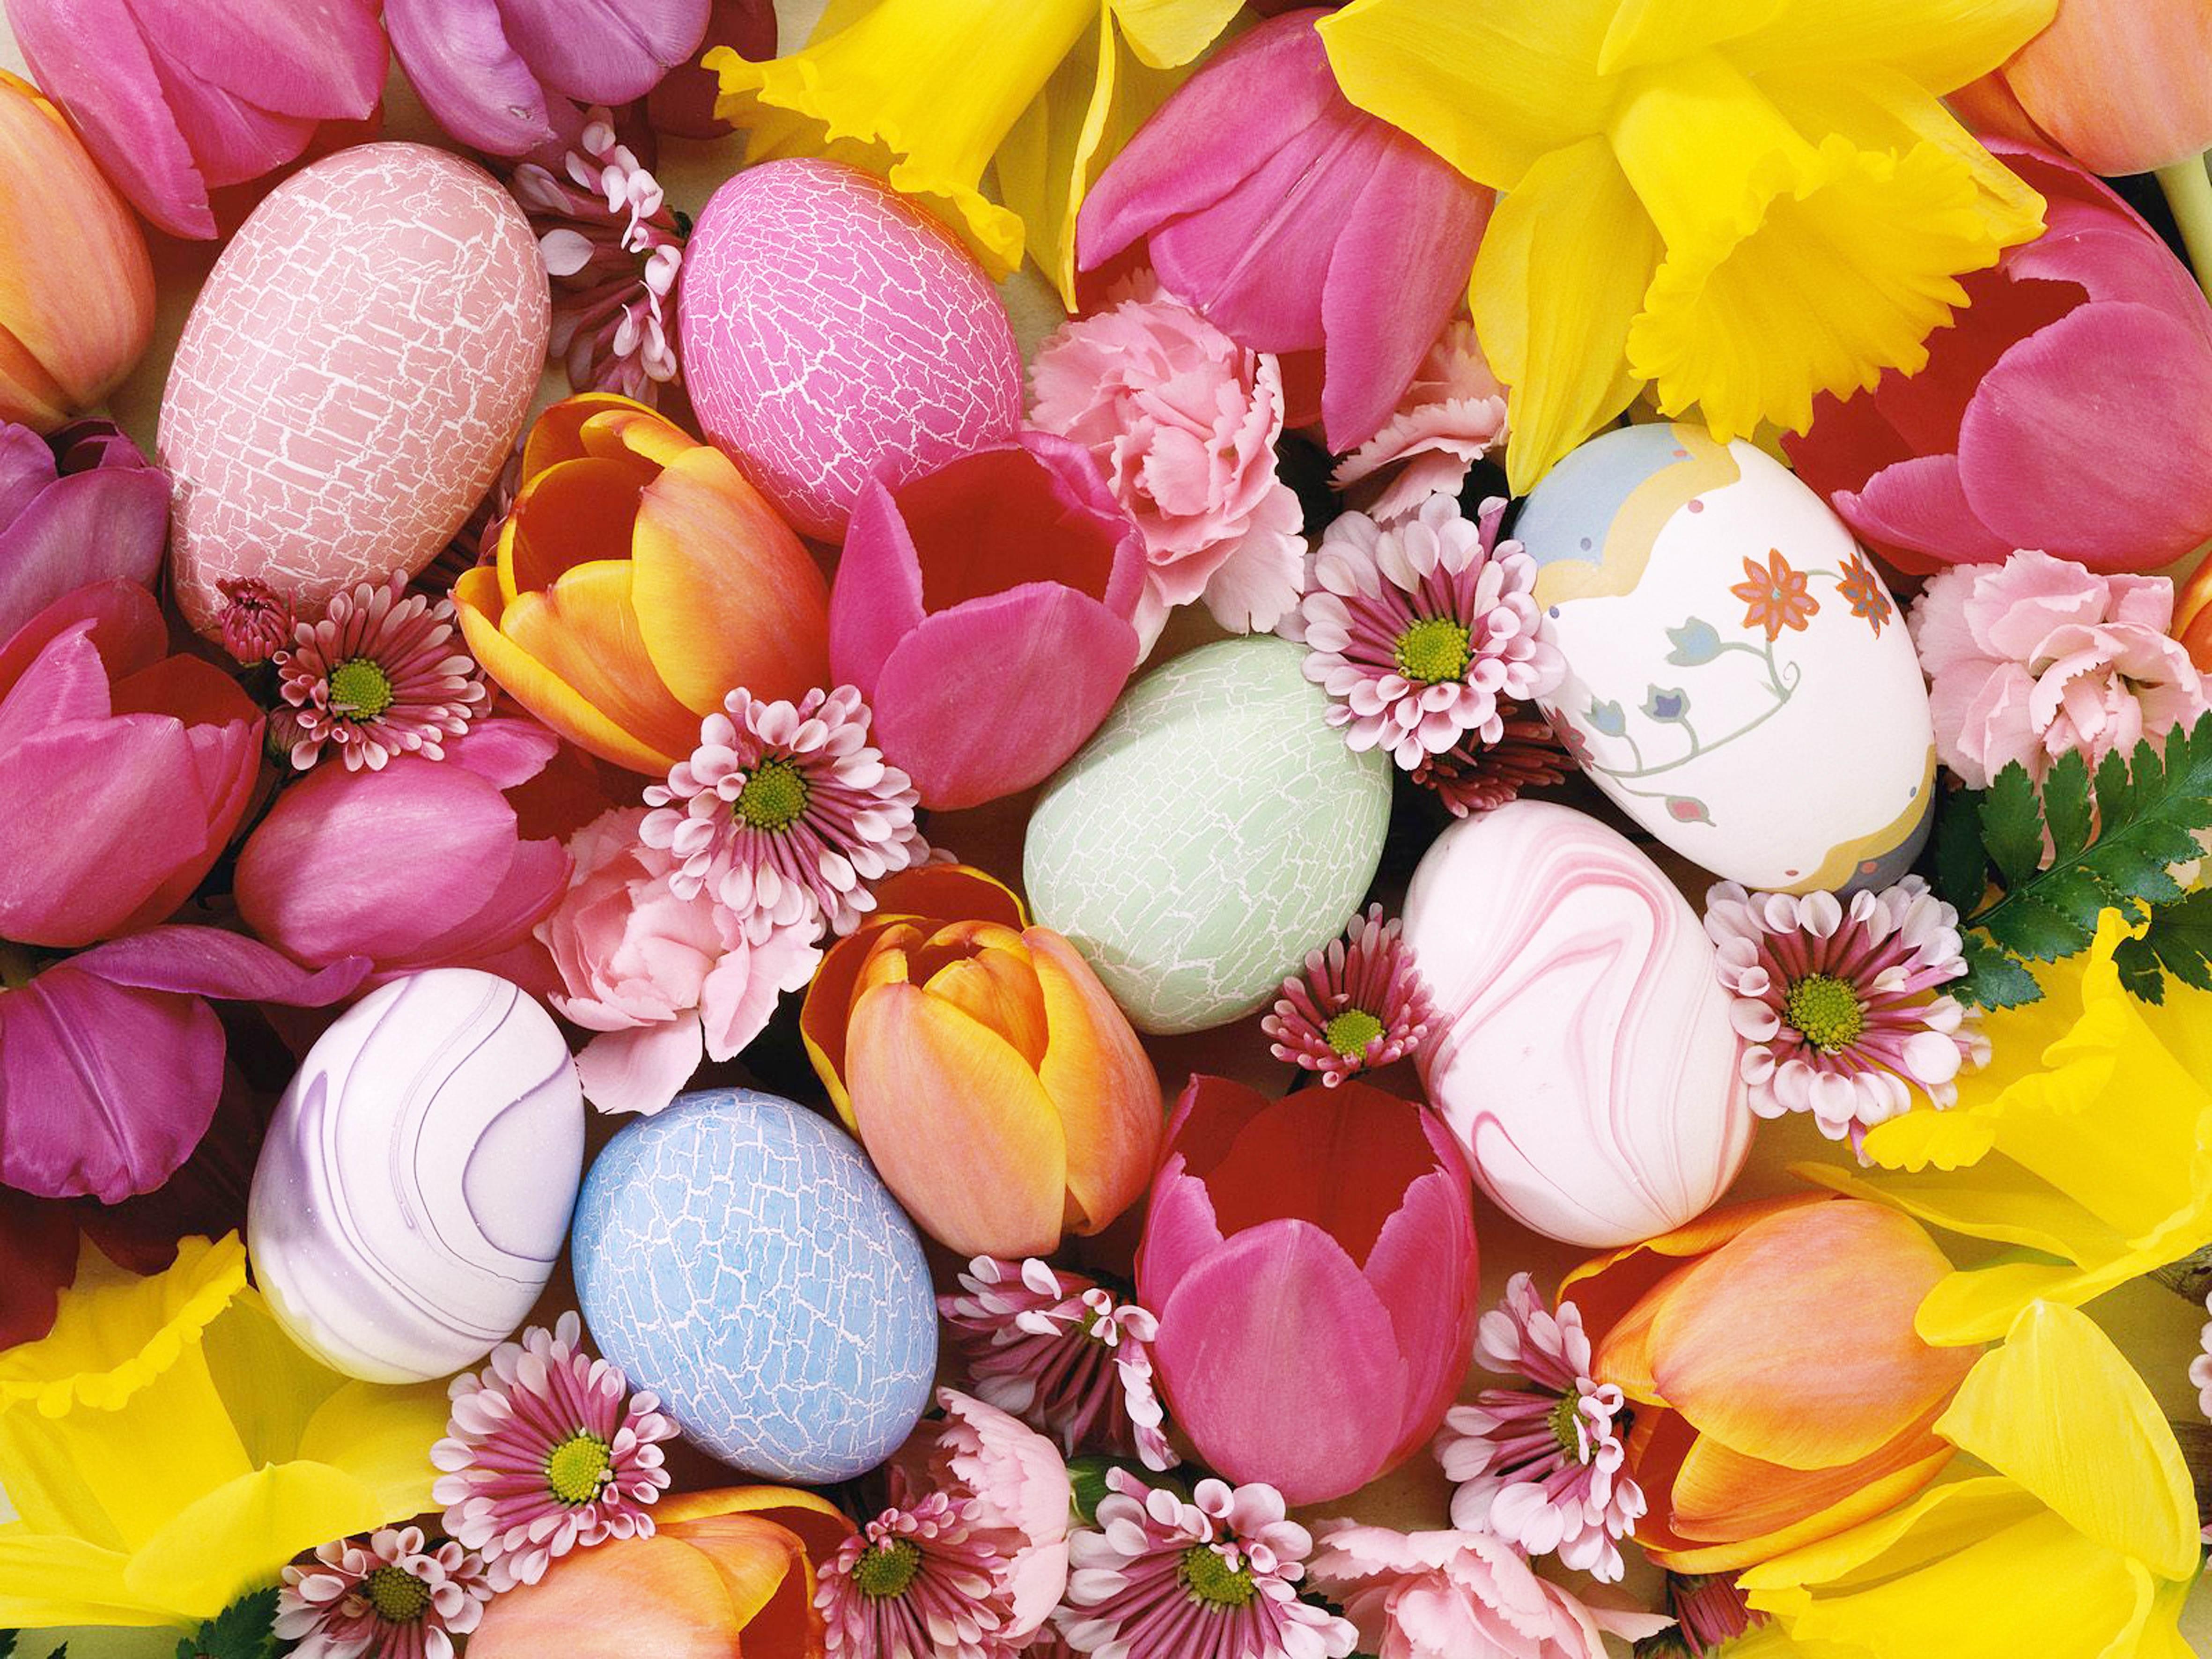 95399 descargar fondo de pantalla Comida, Fondo, Tulipanes, Pascua, Huevos: protectores de pantalla e imágenes gratis